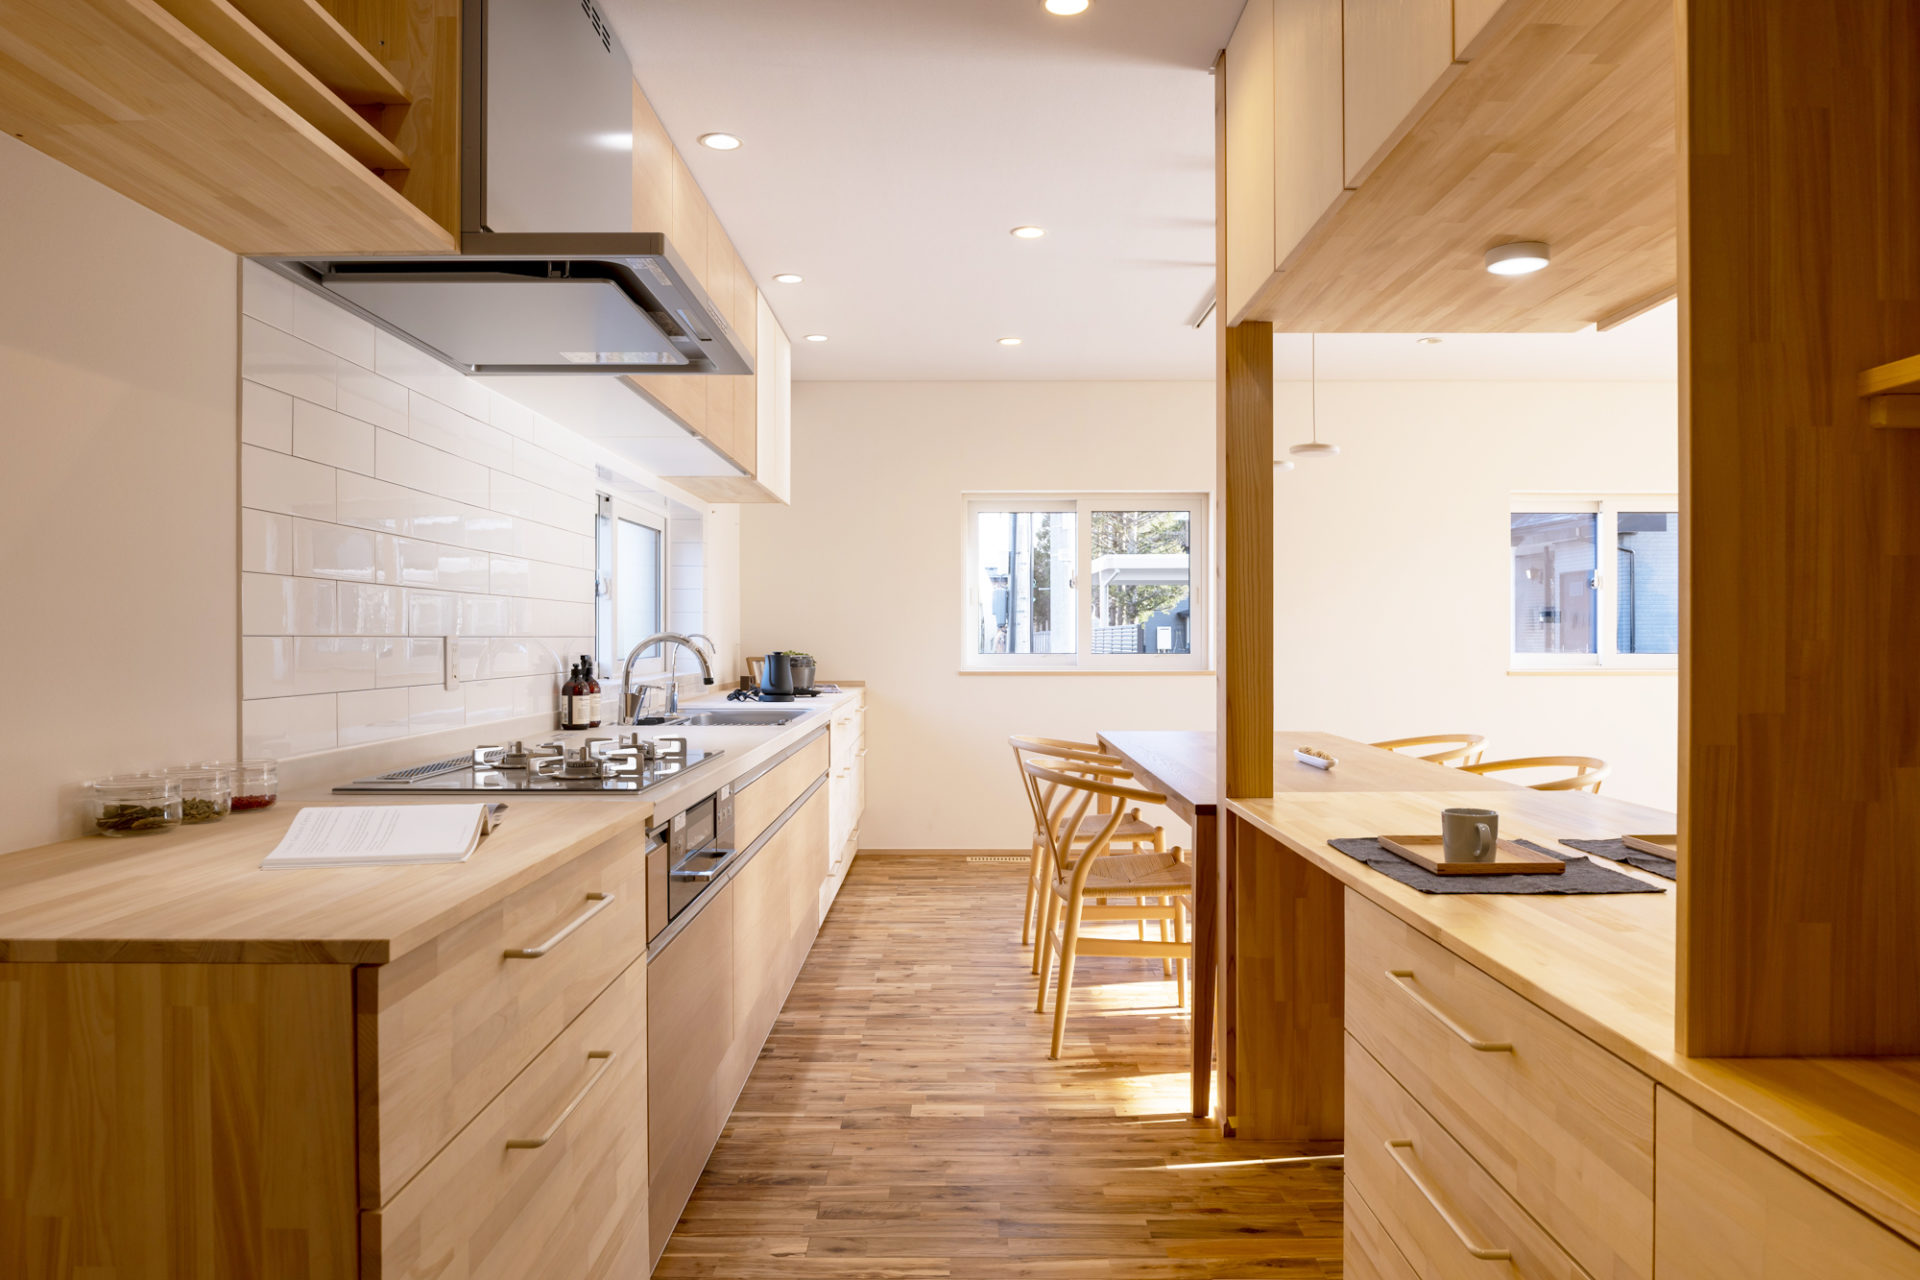 2.造作キッチンは使いやすく美しい